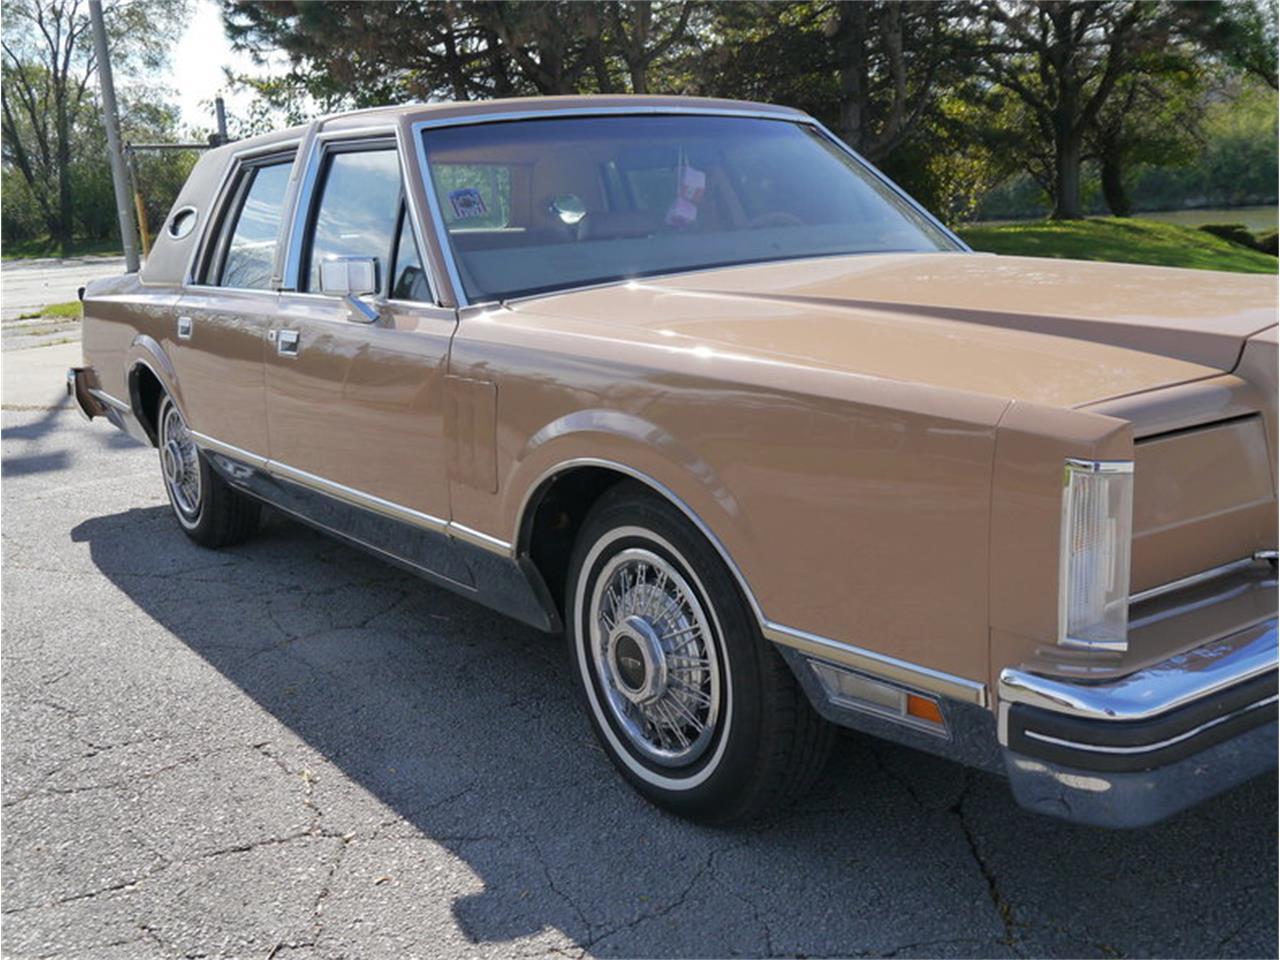 Large Picture of '83 Continental Mark VI located in Alsip Illinois - $7,900.00 - M7E3